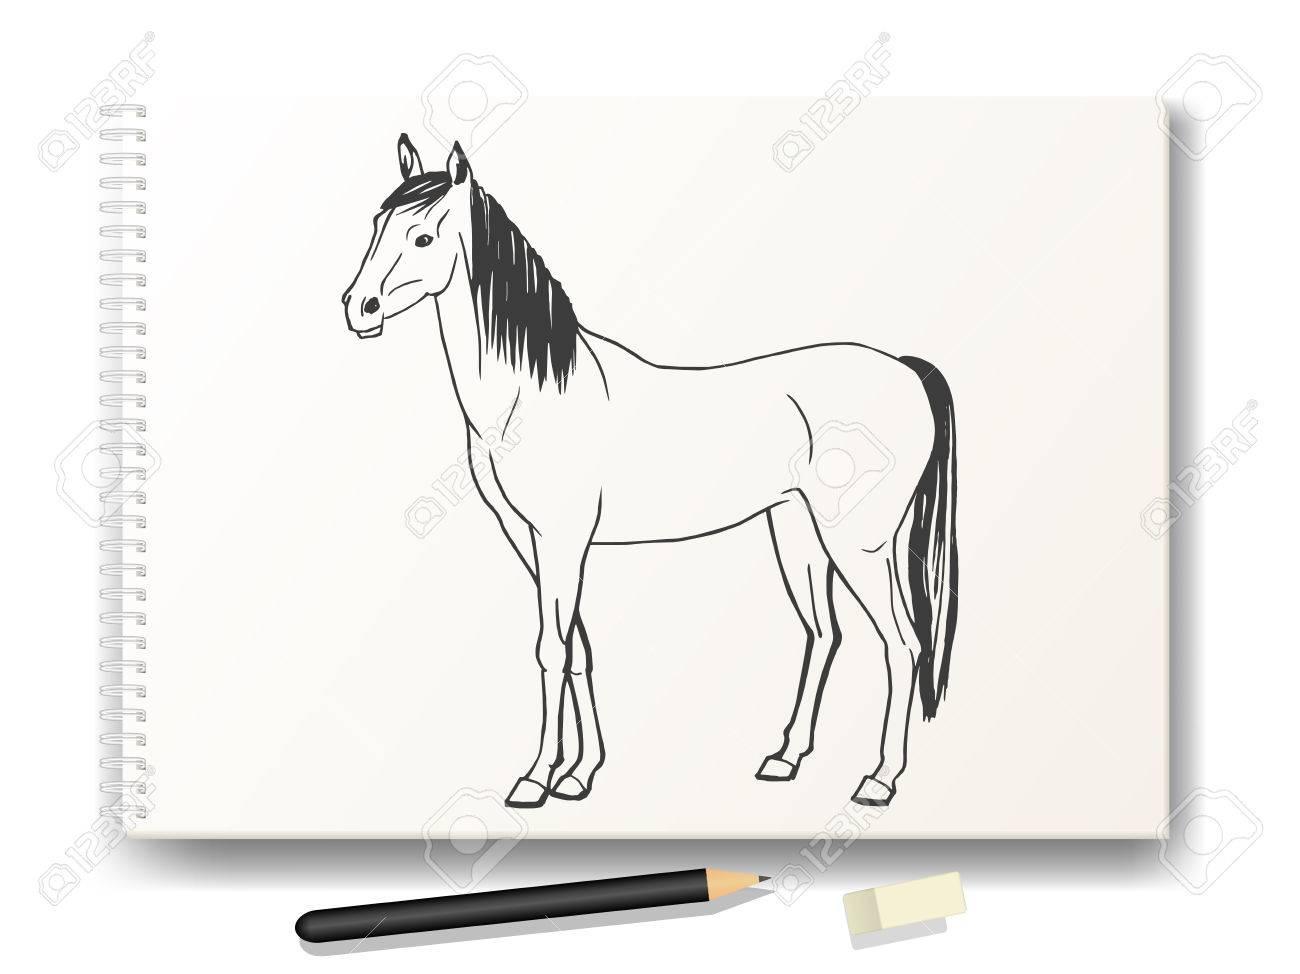 Vector Ilustración De Un Caballo Dibujado A Mano En Lápiz En La A4